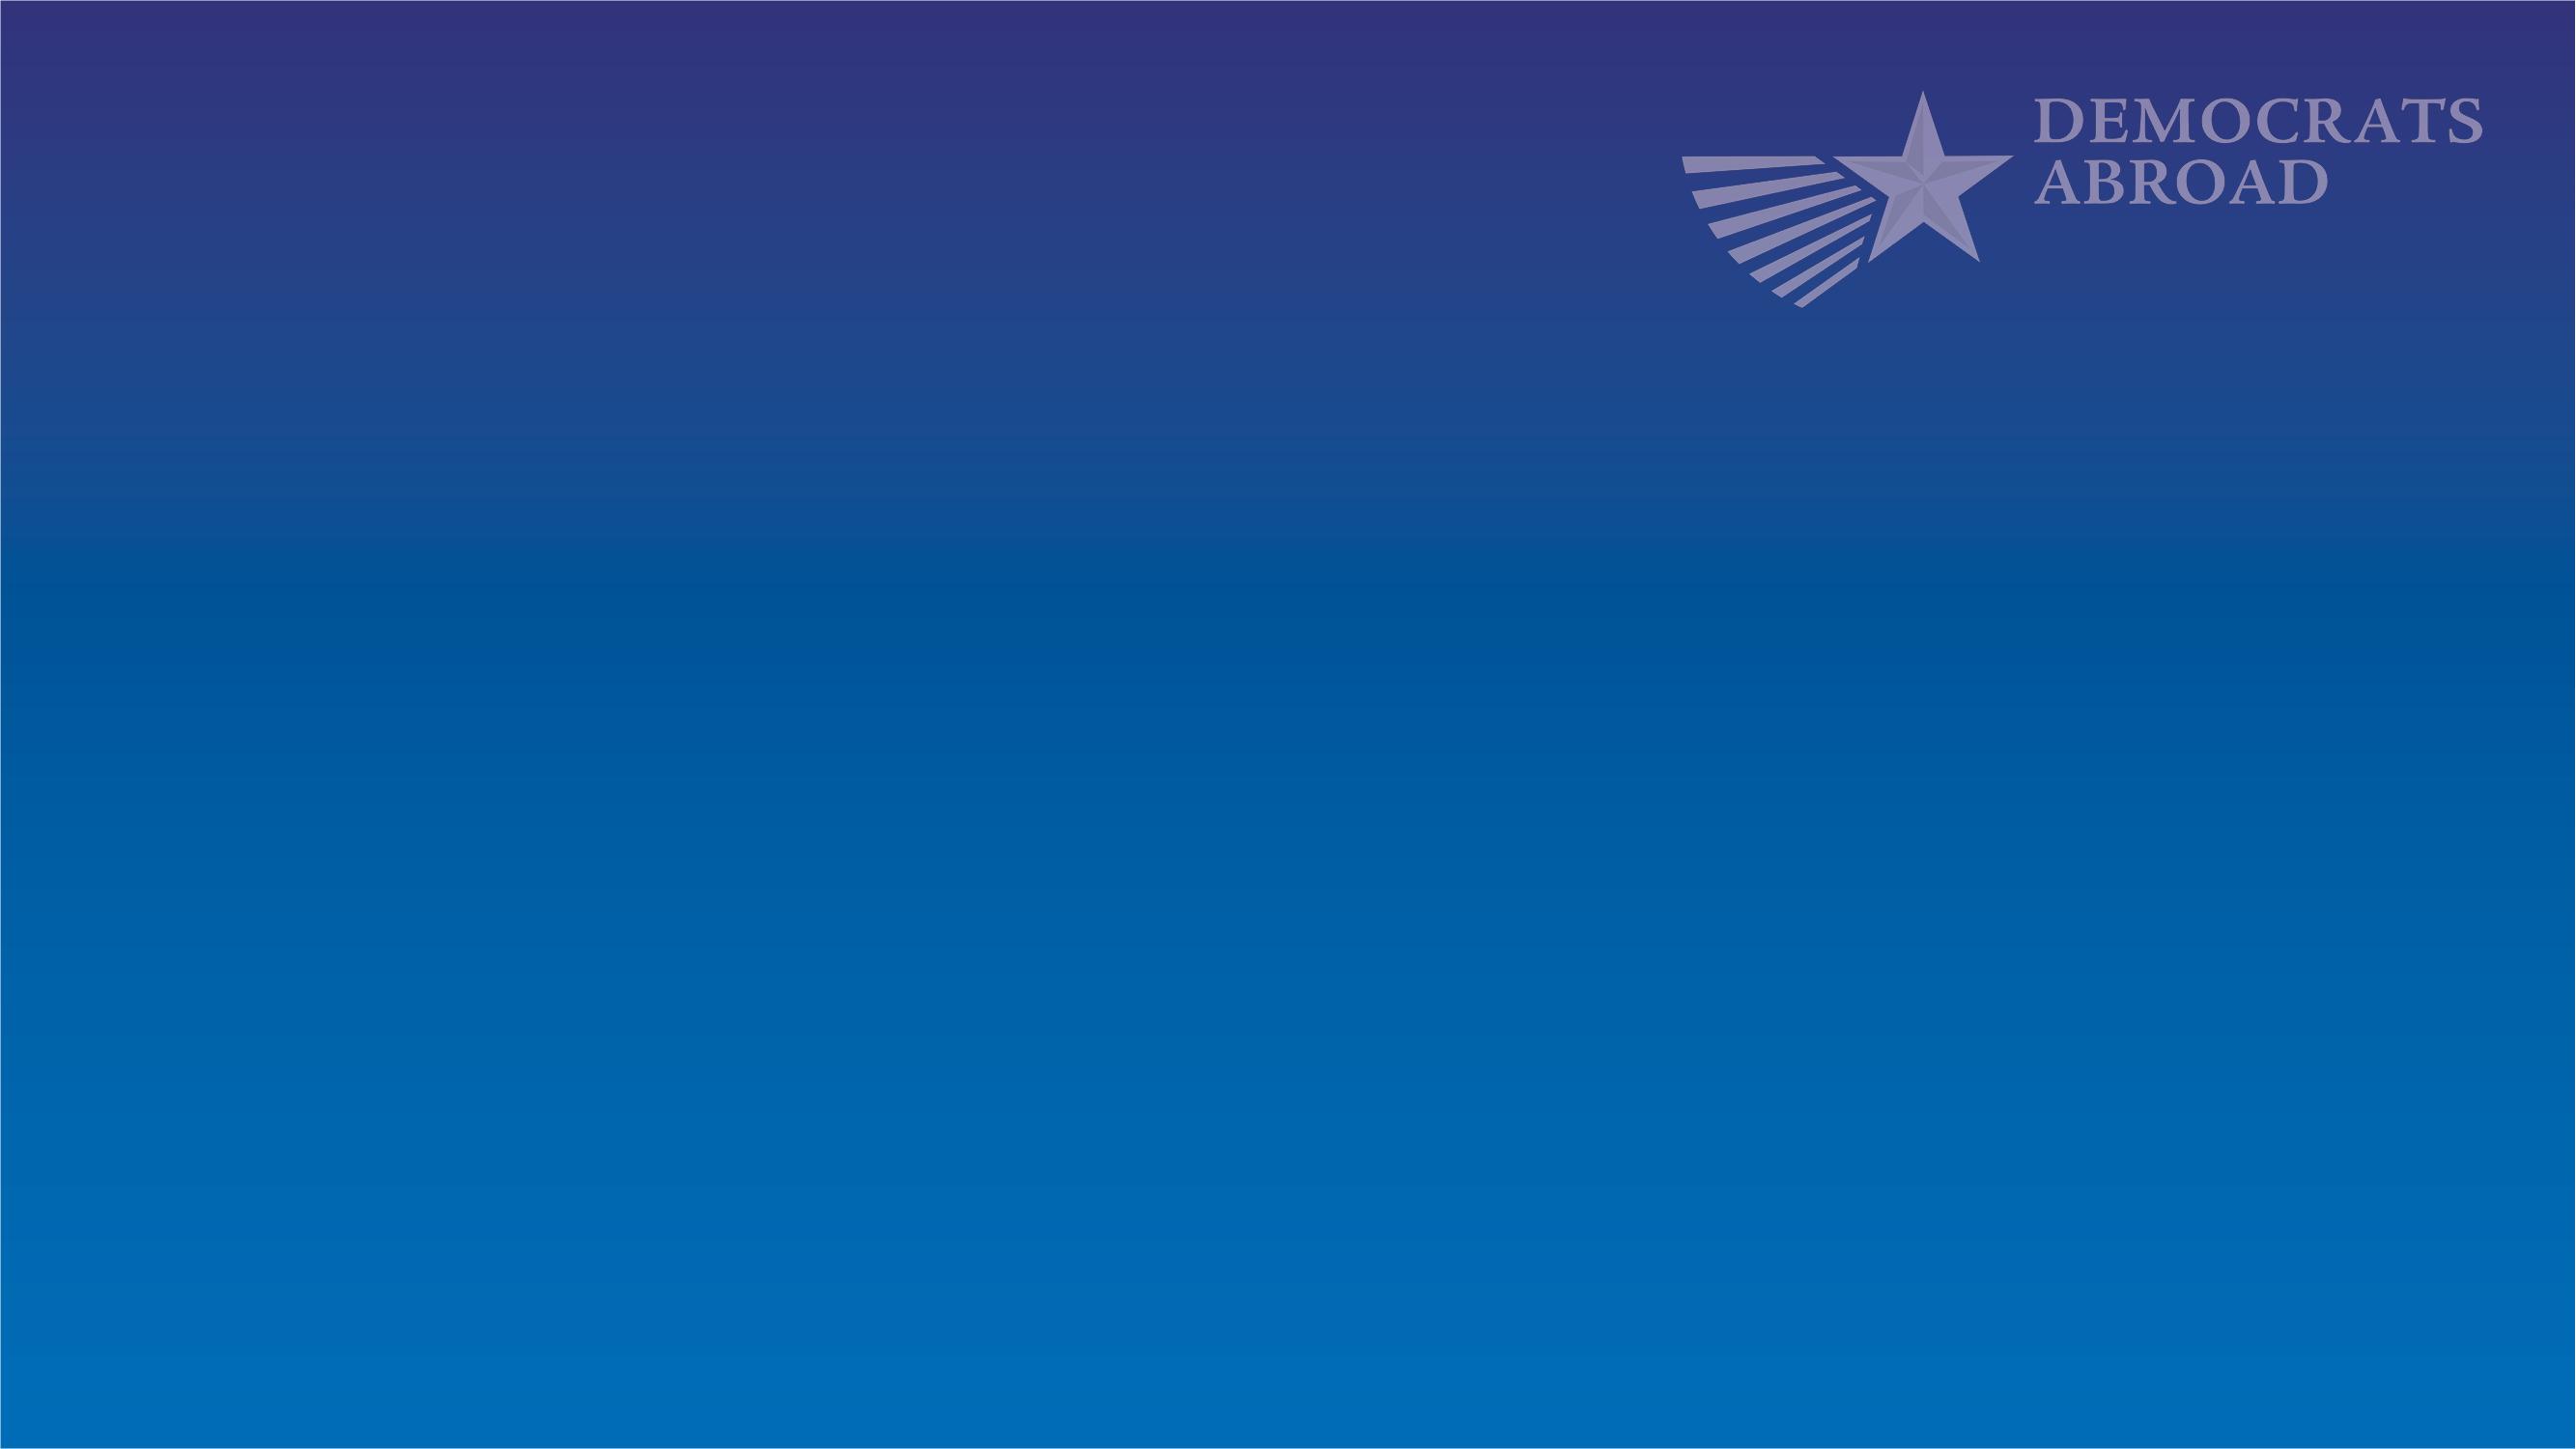 DA blue gradient background